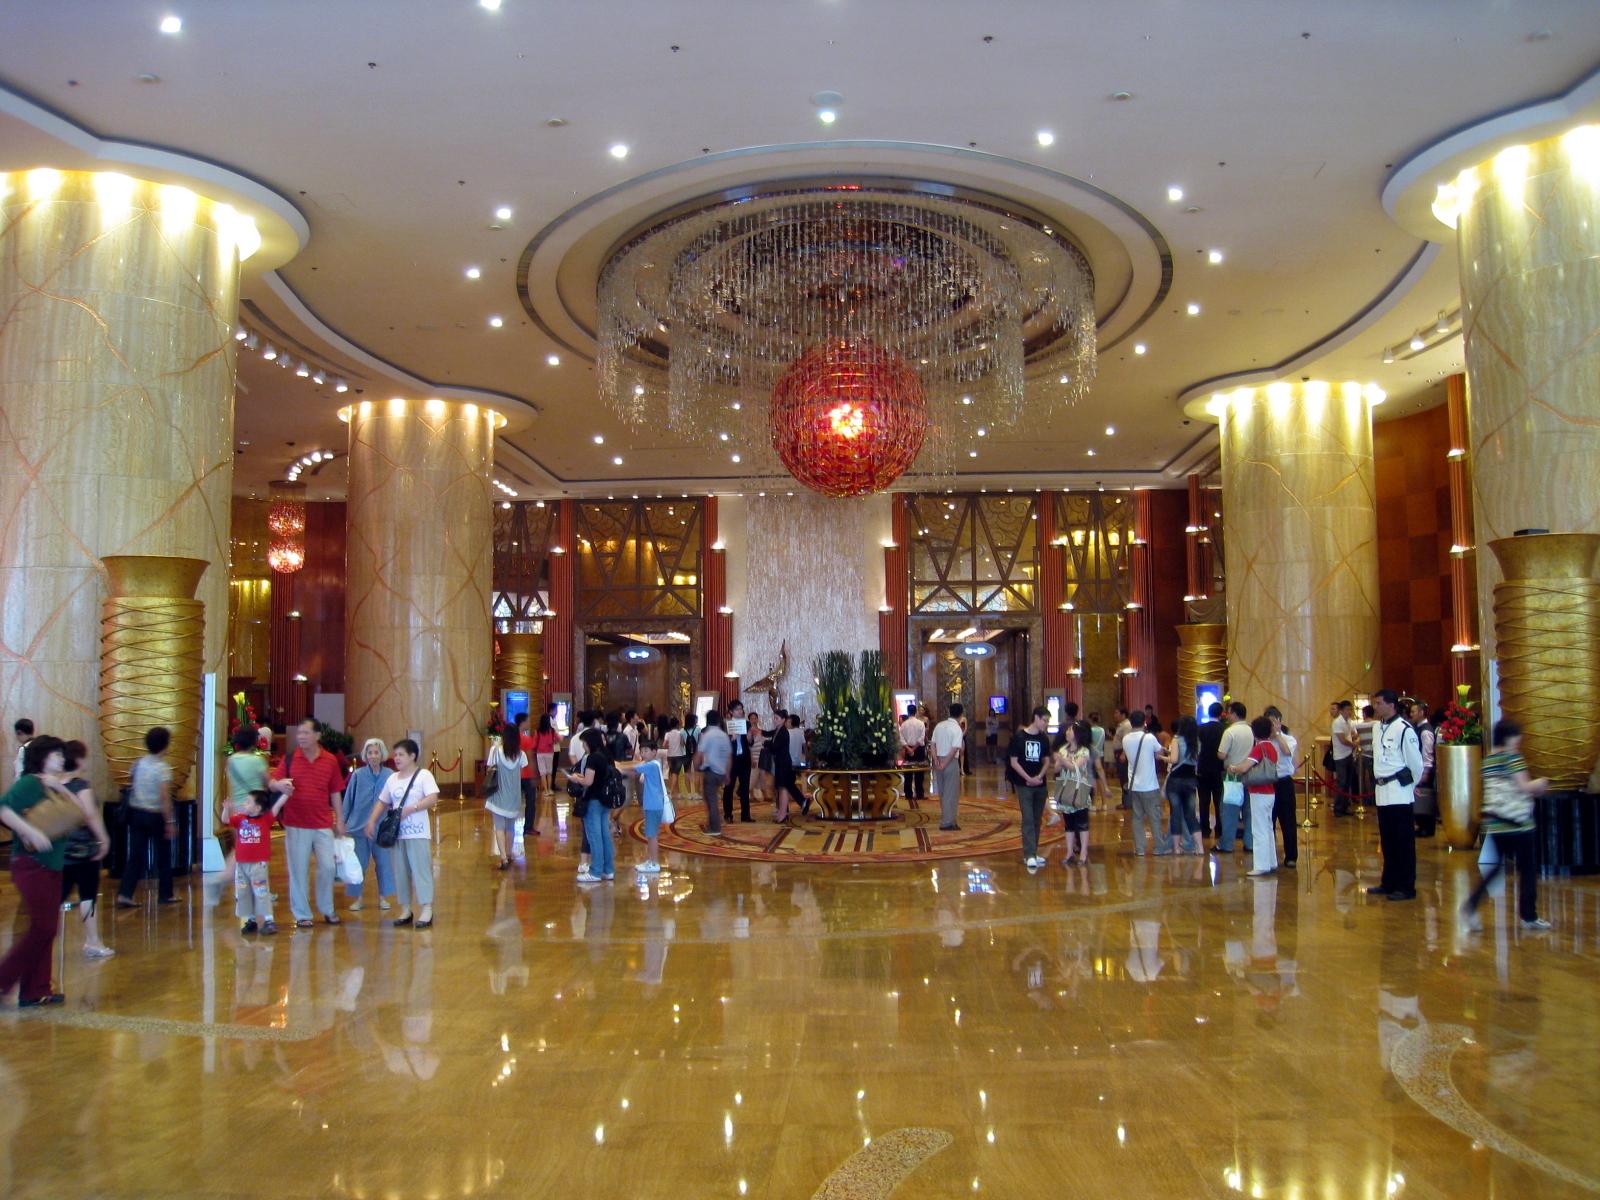 palm springs spa casino